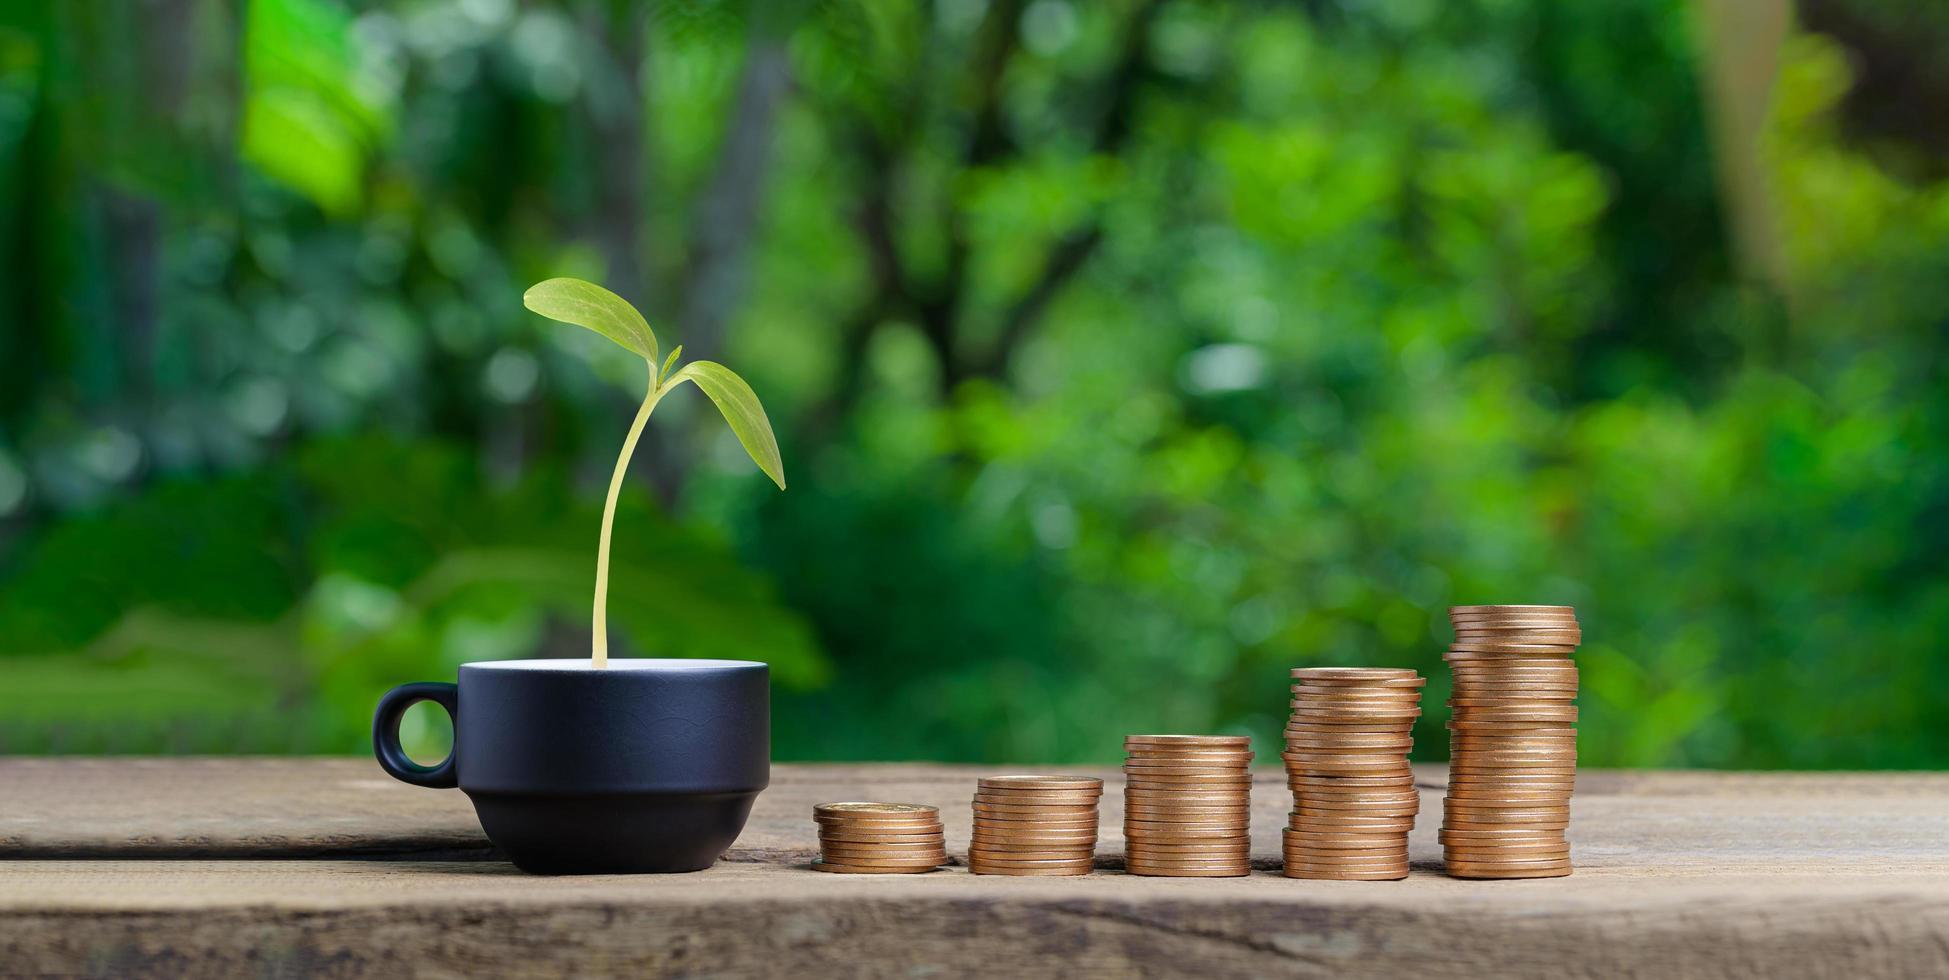 Konzept gestapelte Münzen investieren Aktien sparen Geld foto